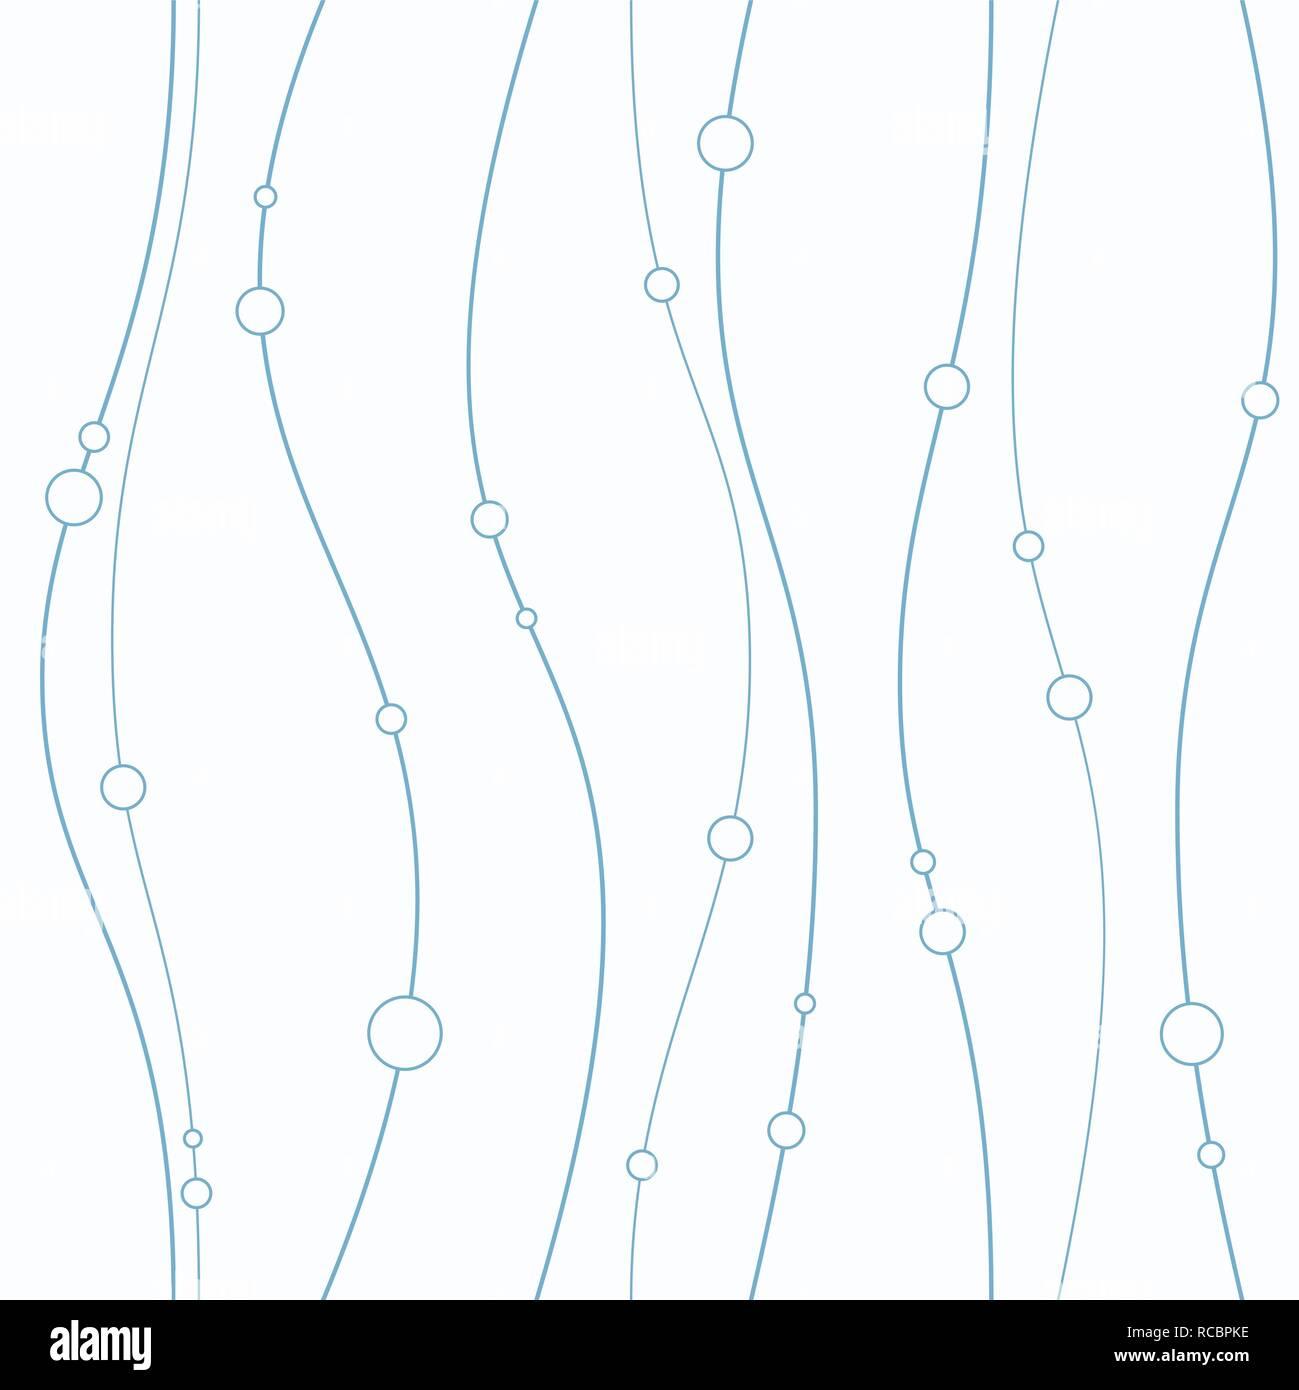 Modèle transparent avec des lignes douces et des cercles. La texture élégante. La direction verticale. Vector background. Photo Stock